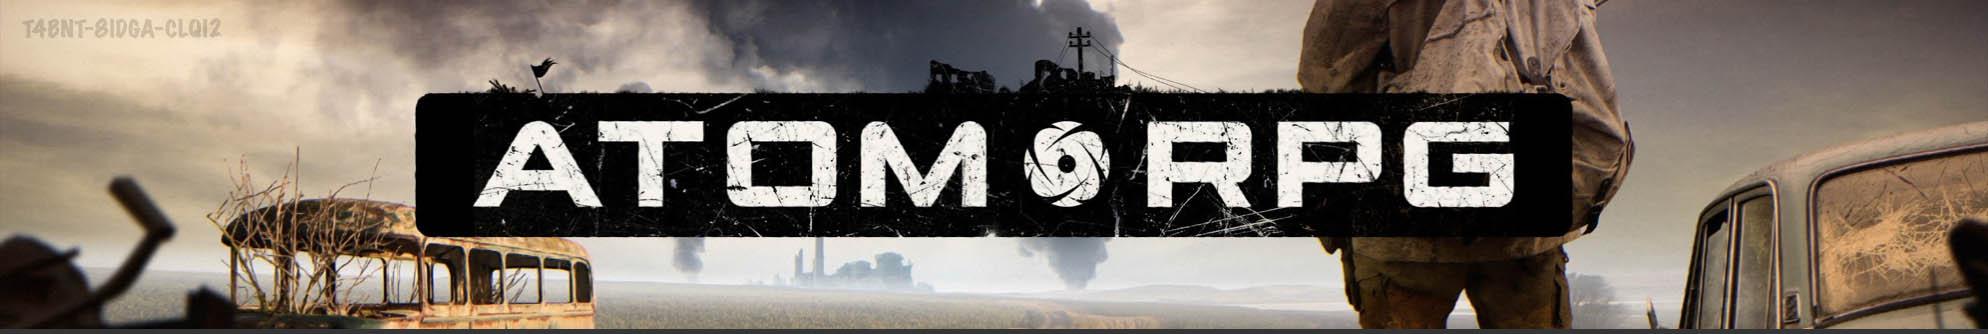 ATOM Promo key | Скриншотный субботник. 2018, Декабрь, 3 неделя